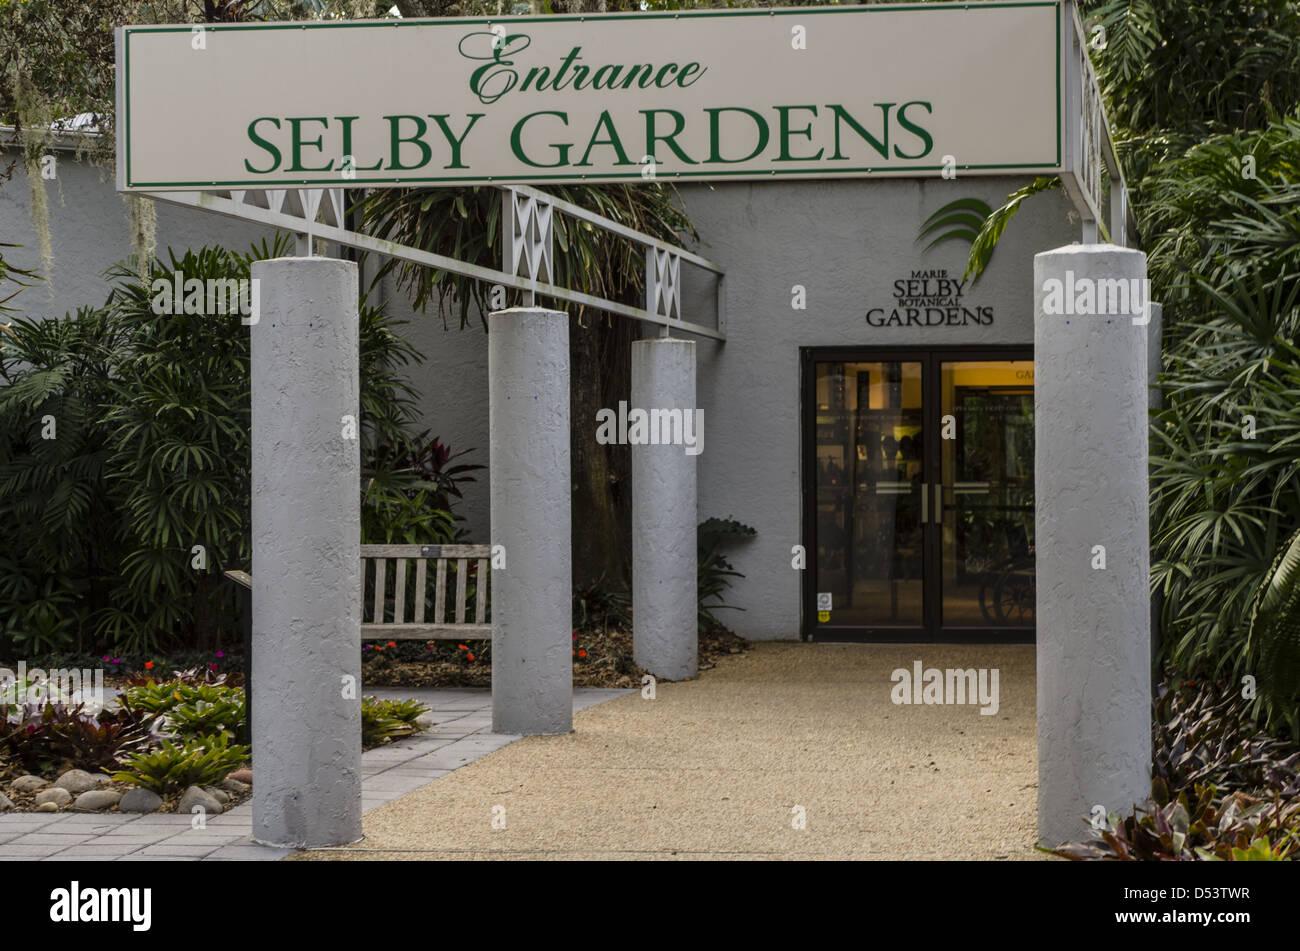 USA, Florida, Sarasota. Selby Gardens entrance. - Stock Image